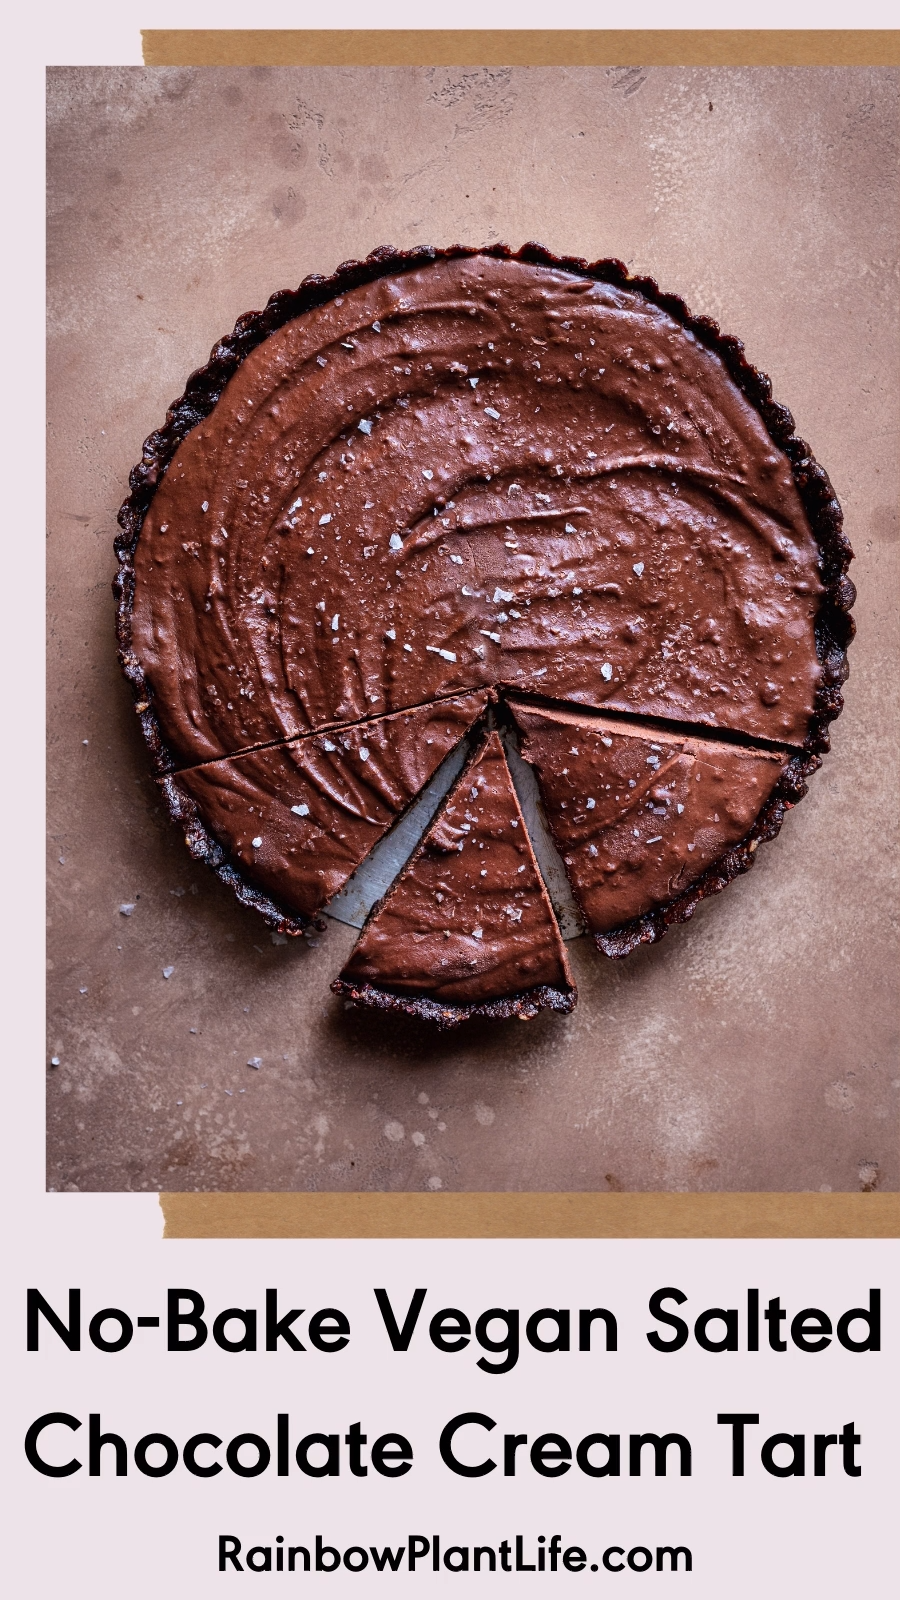 Vegan Salted Chocolate Cream Tart